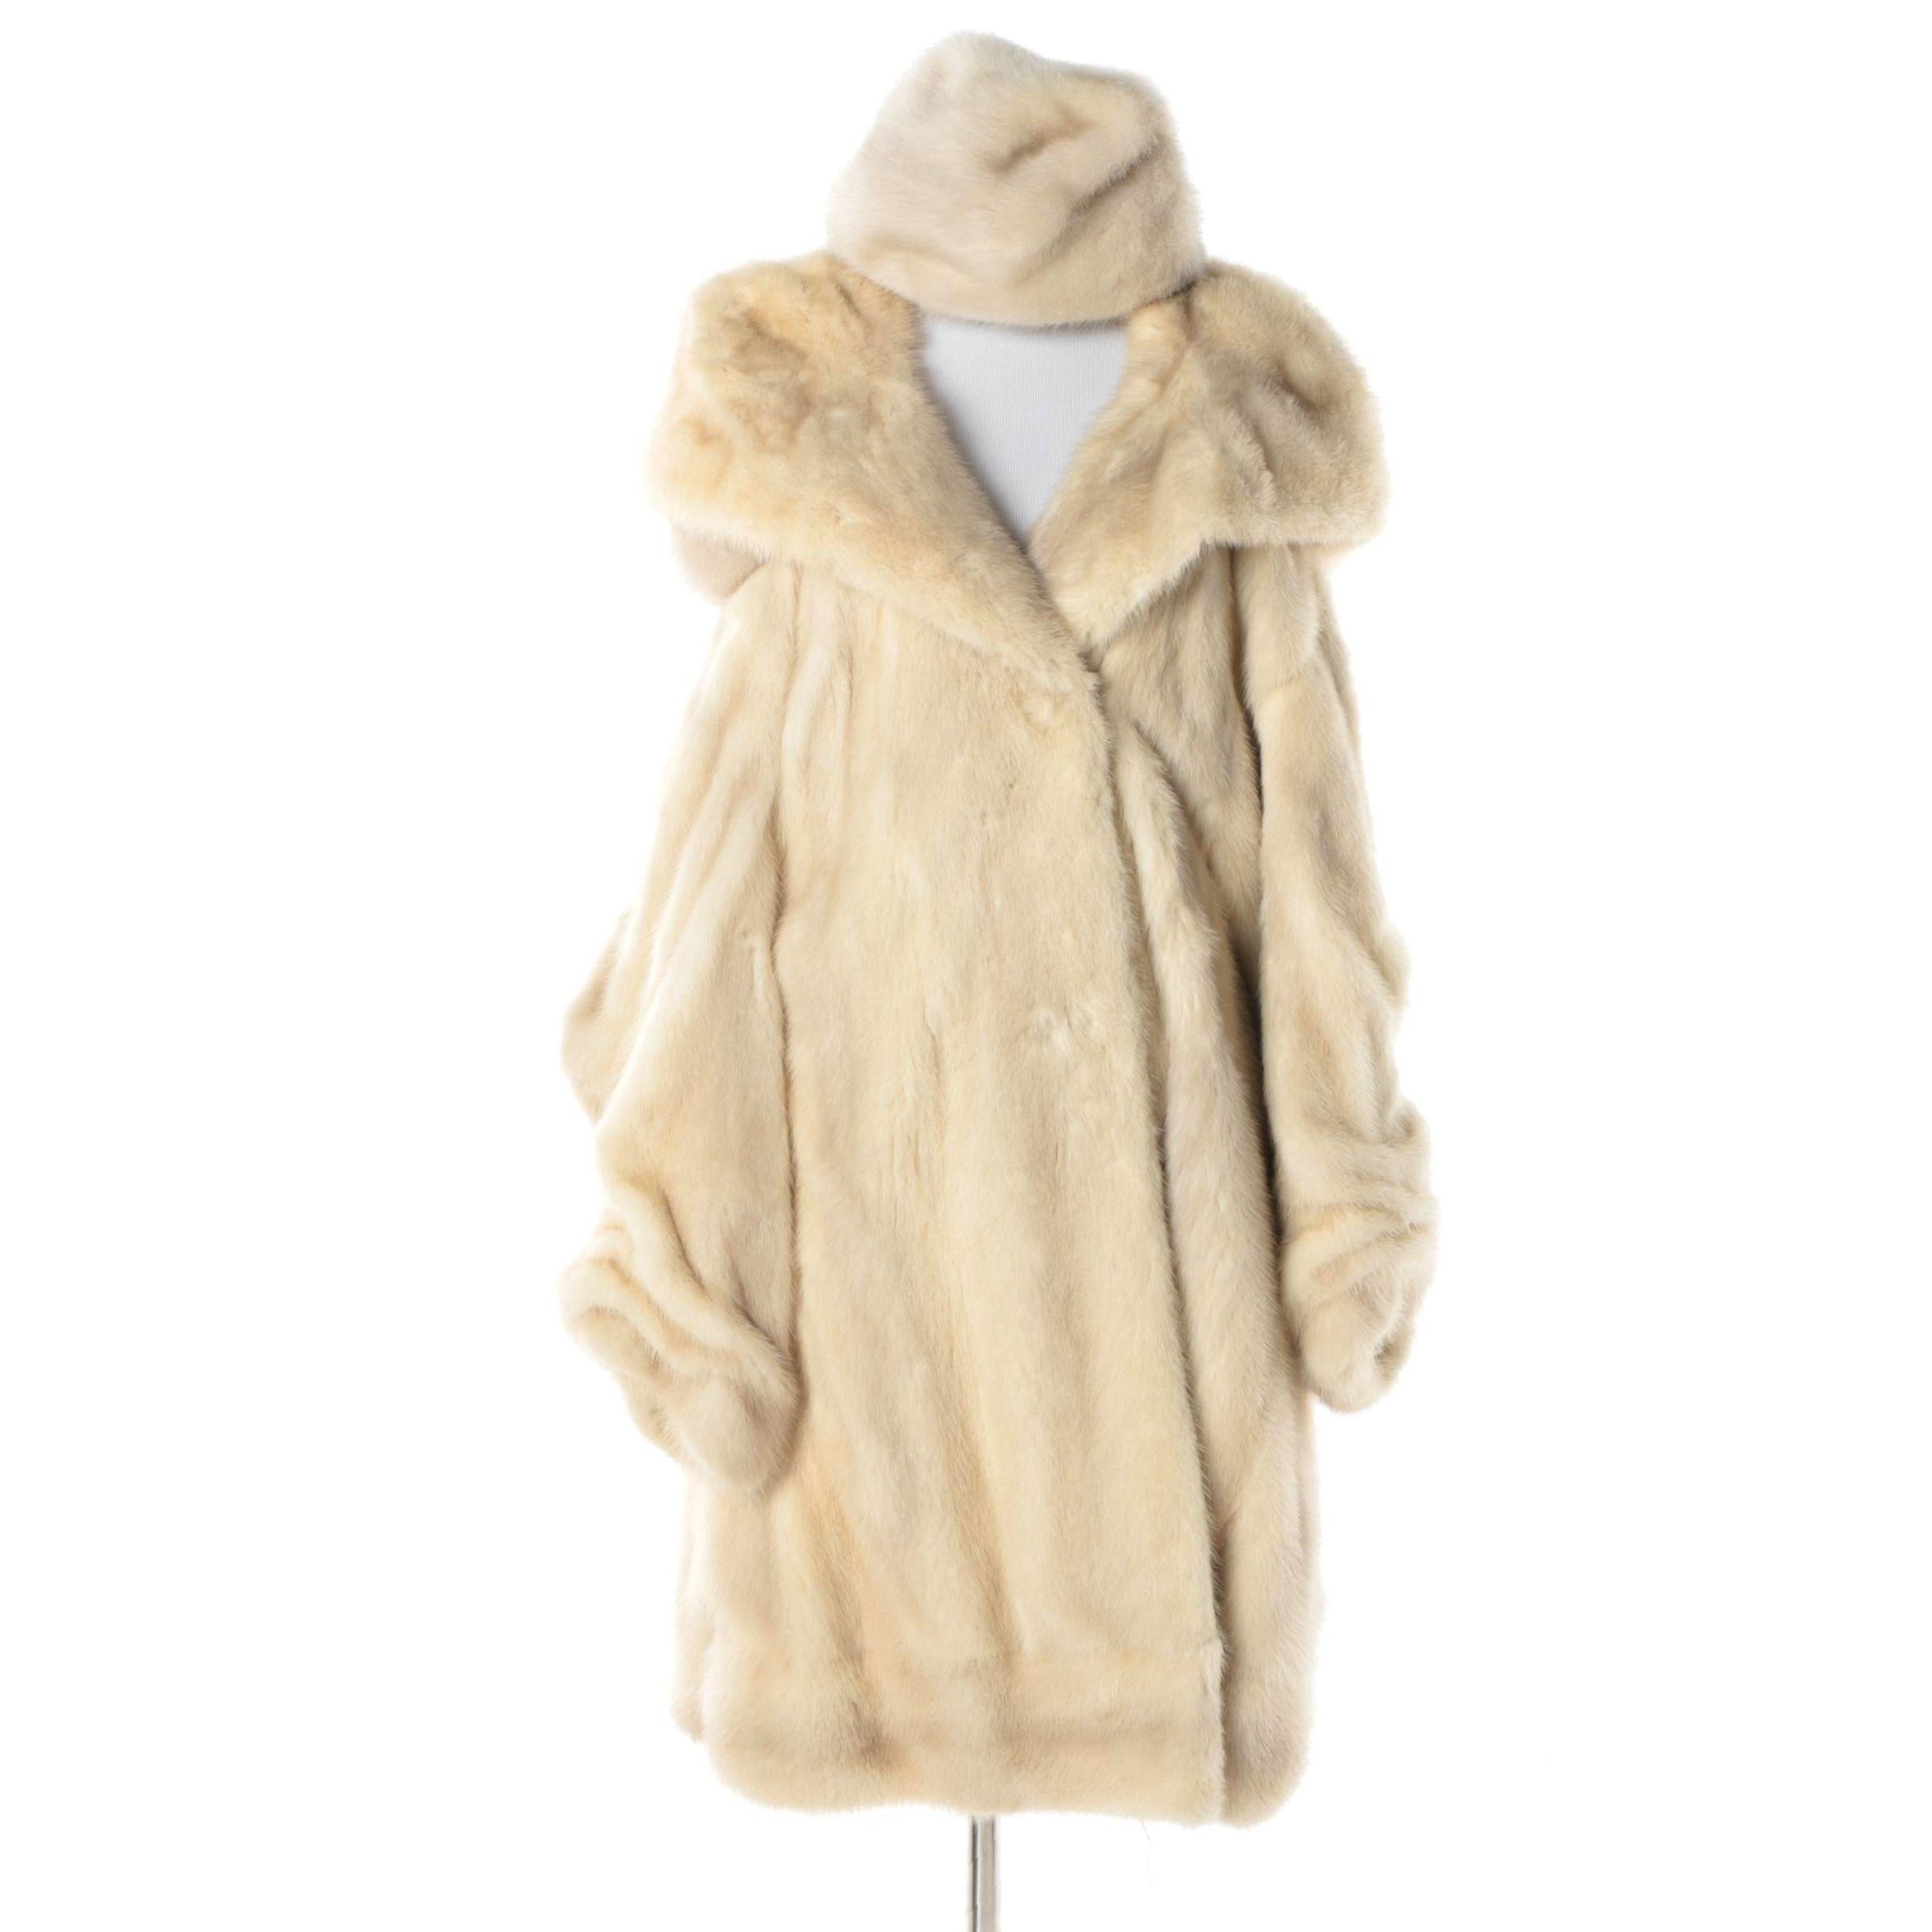 Women's Vintage Evans Furs Blonde Mink Fur Coat and Hat